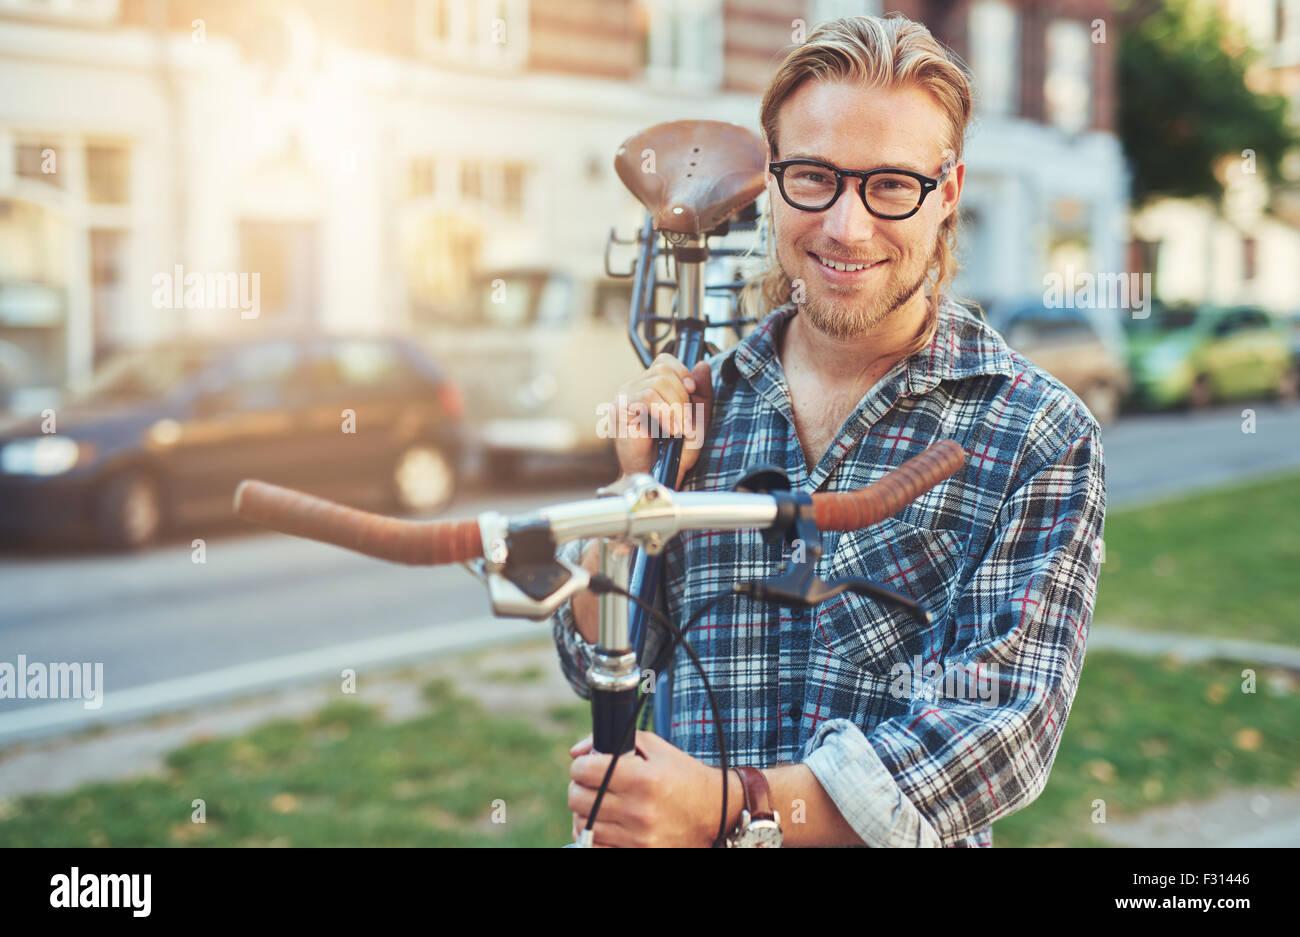 Jeune homme. Le mode de vie urbain vélo transportant sur son épaule. smiling portrait Photo Stock